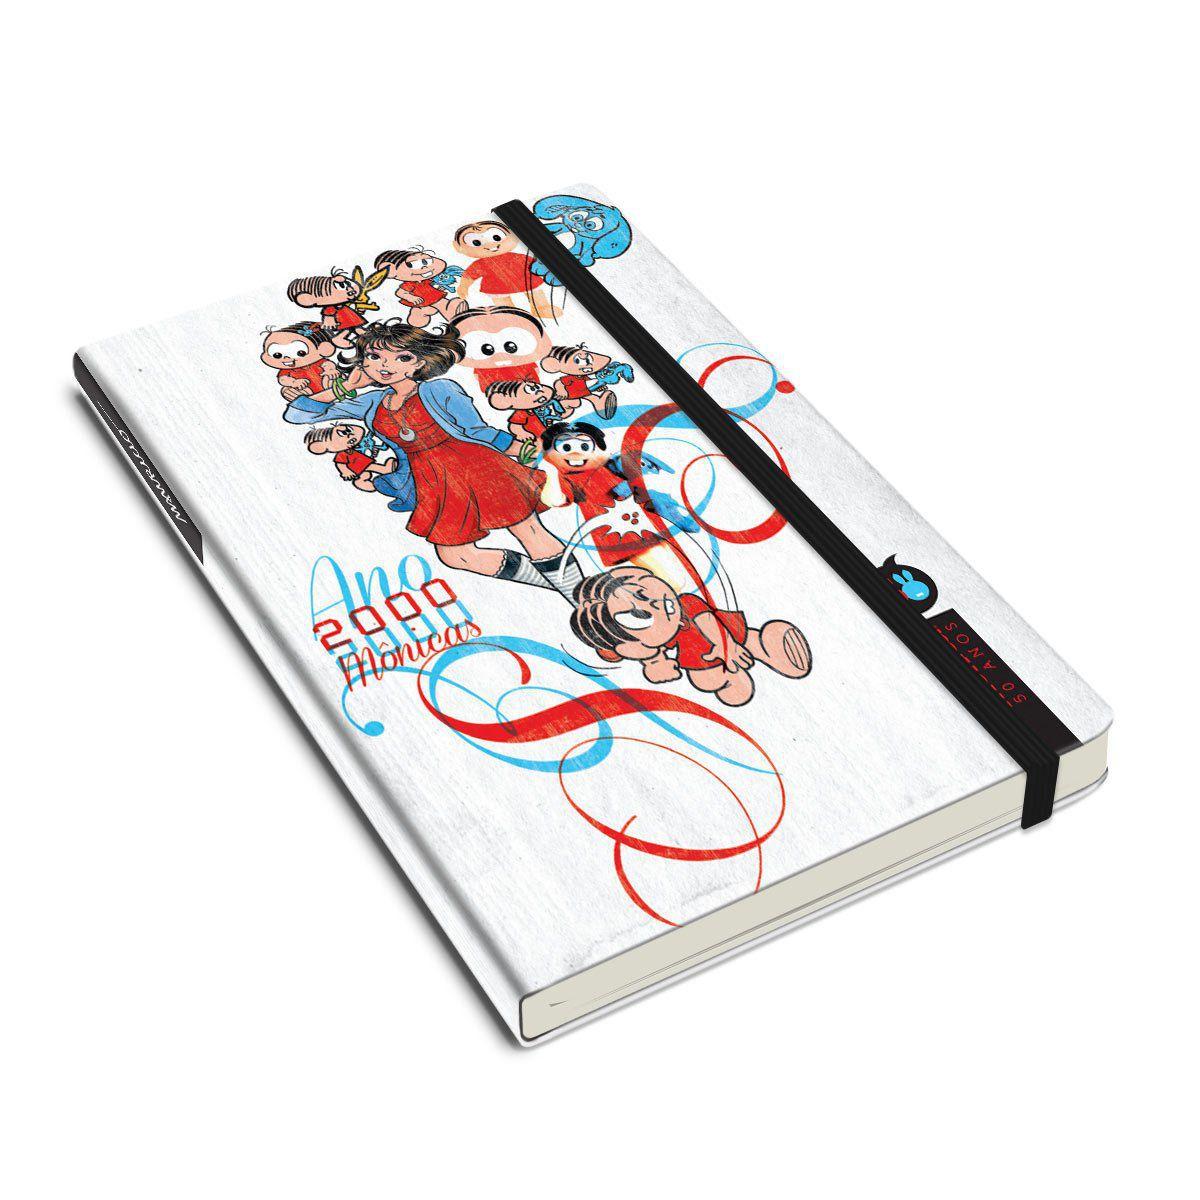 Caderneta Turma da Mônica 50 Anos - Modelo 2 Anos 2000